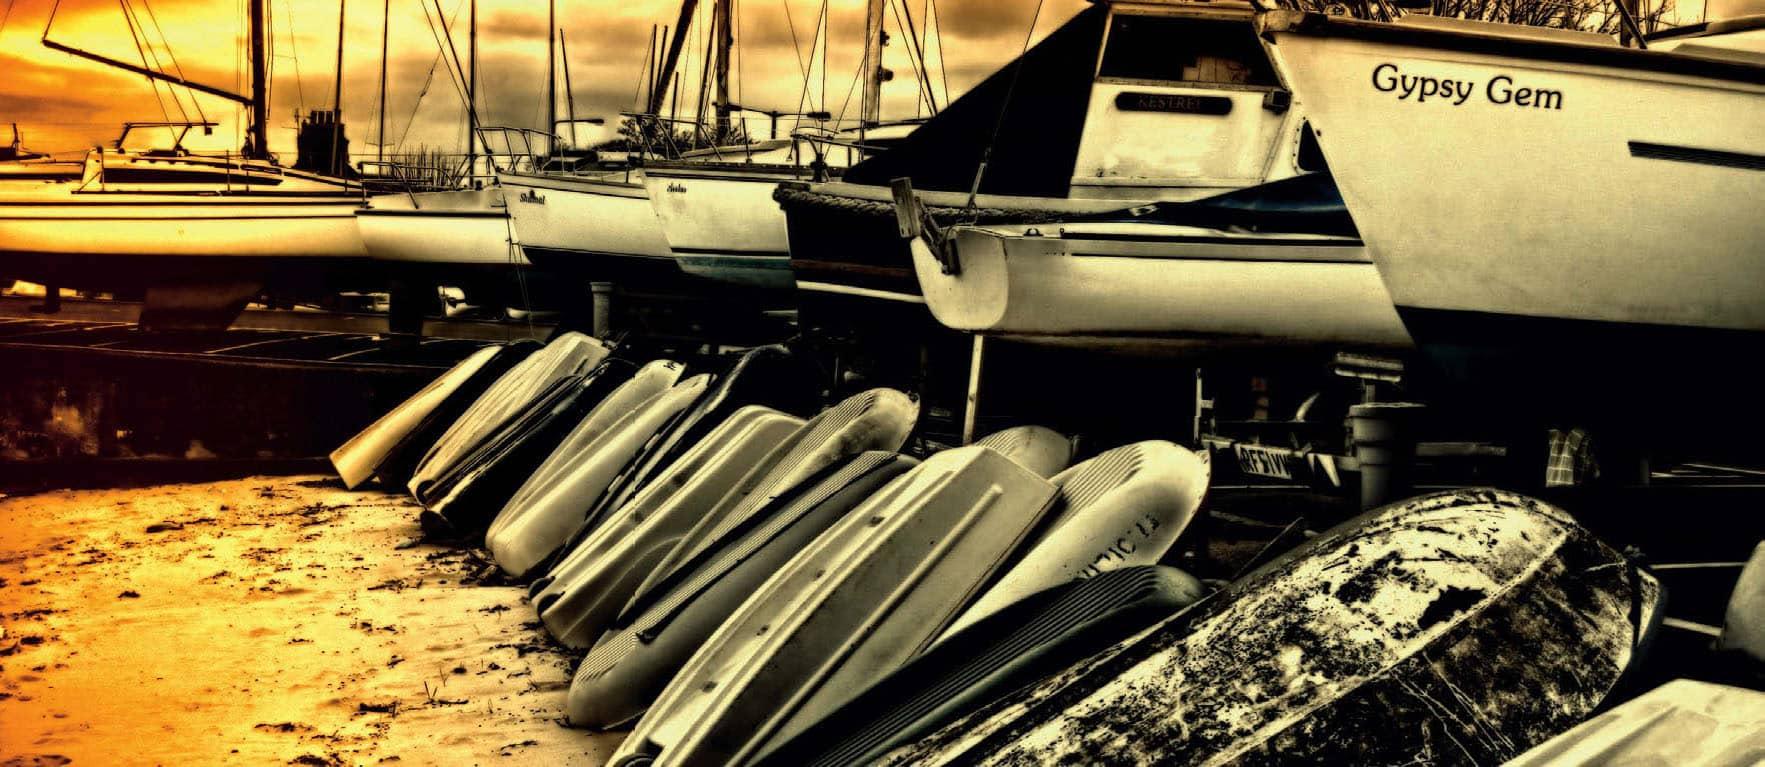 Nuovi posti barca nei vecchi porti: è la volta buona?